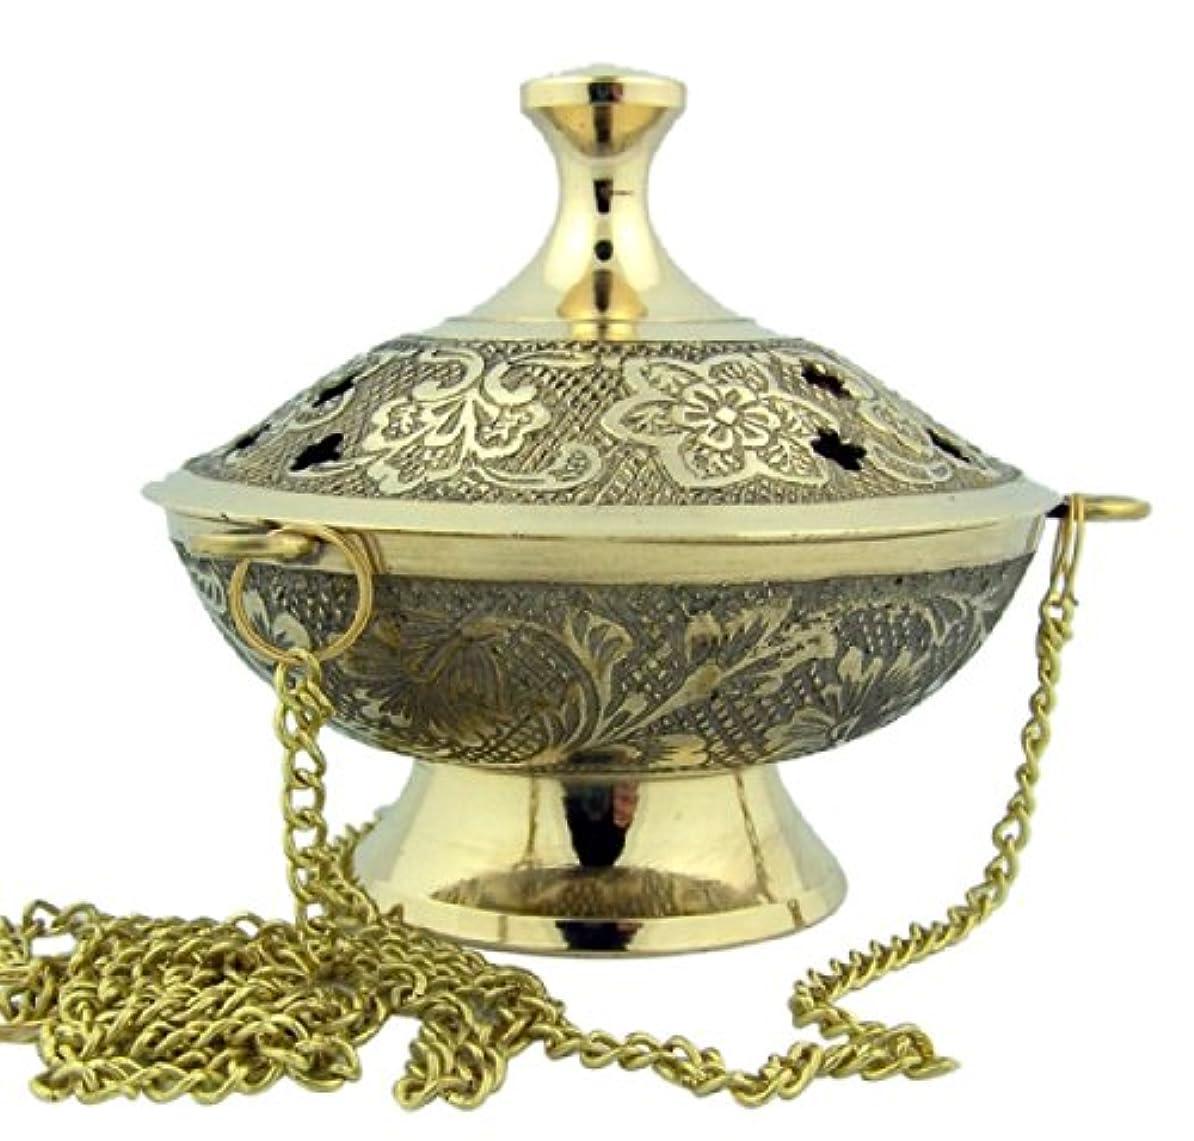 通行人コンテンポラリー集中的なCharcoal Incense Burner Gold Plate over Brass Hanging Censer with Chain